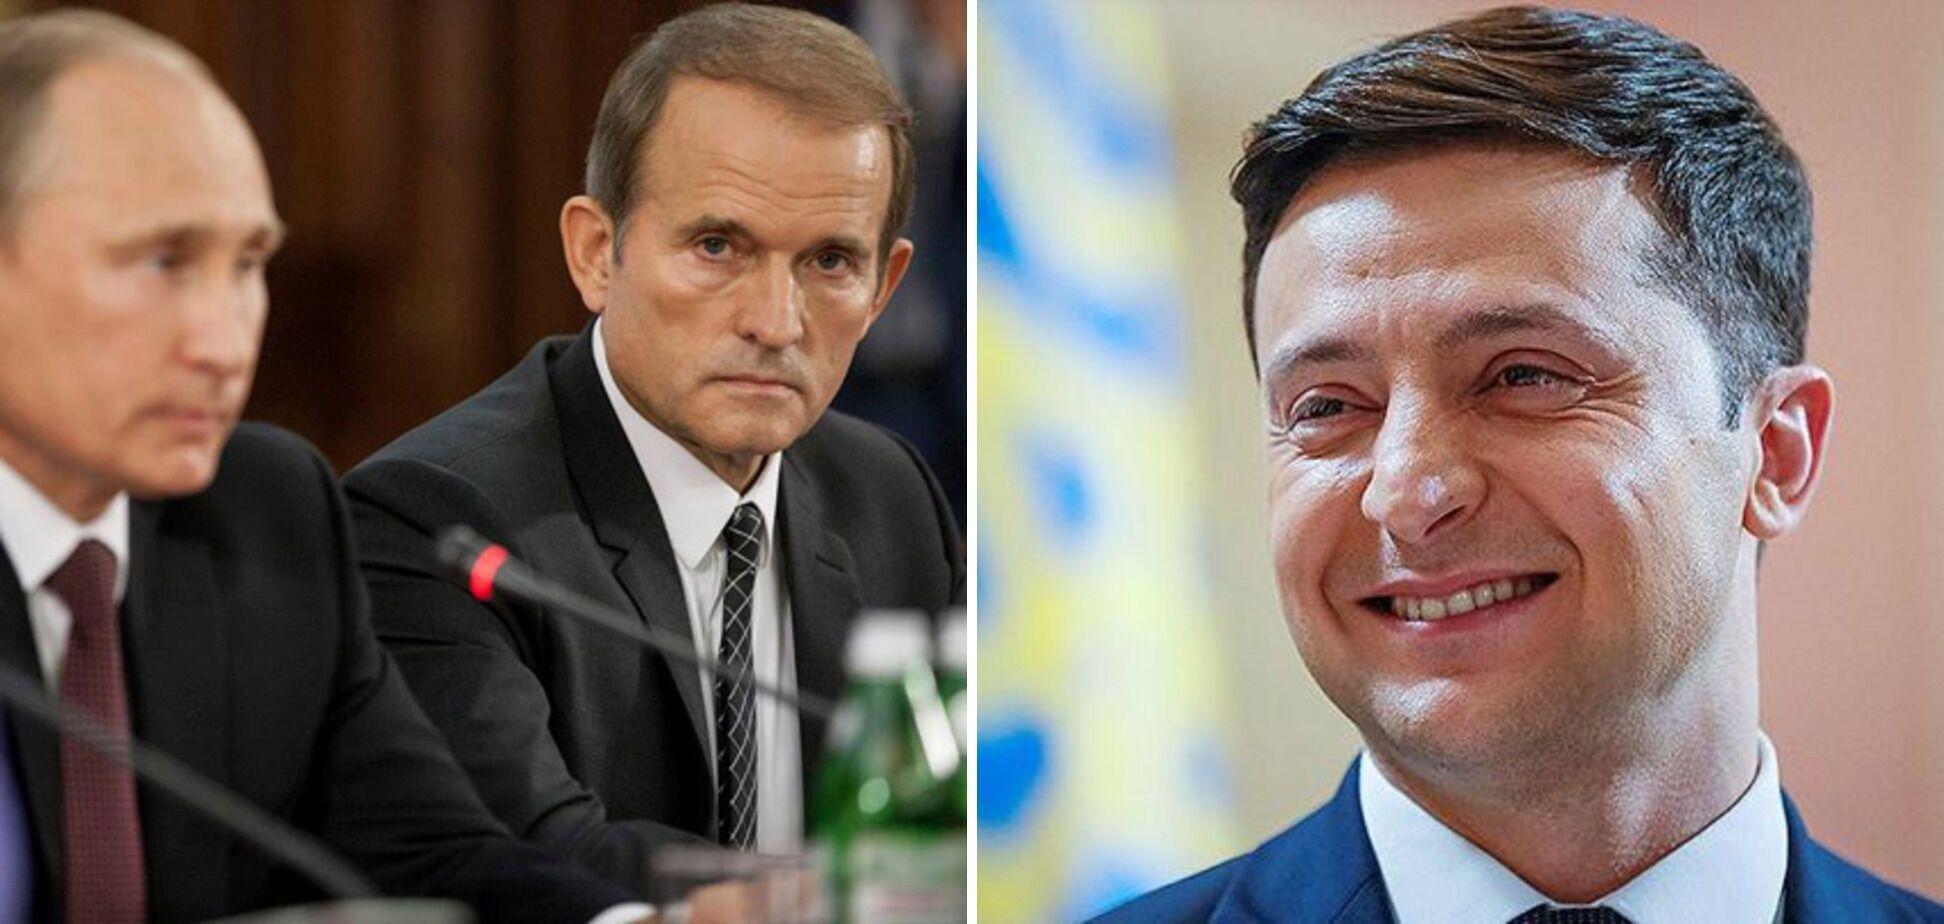 Витя не выйдет. Зачем Кремлю 'договороспособный' Медведчук в ТКГ?